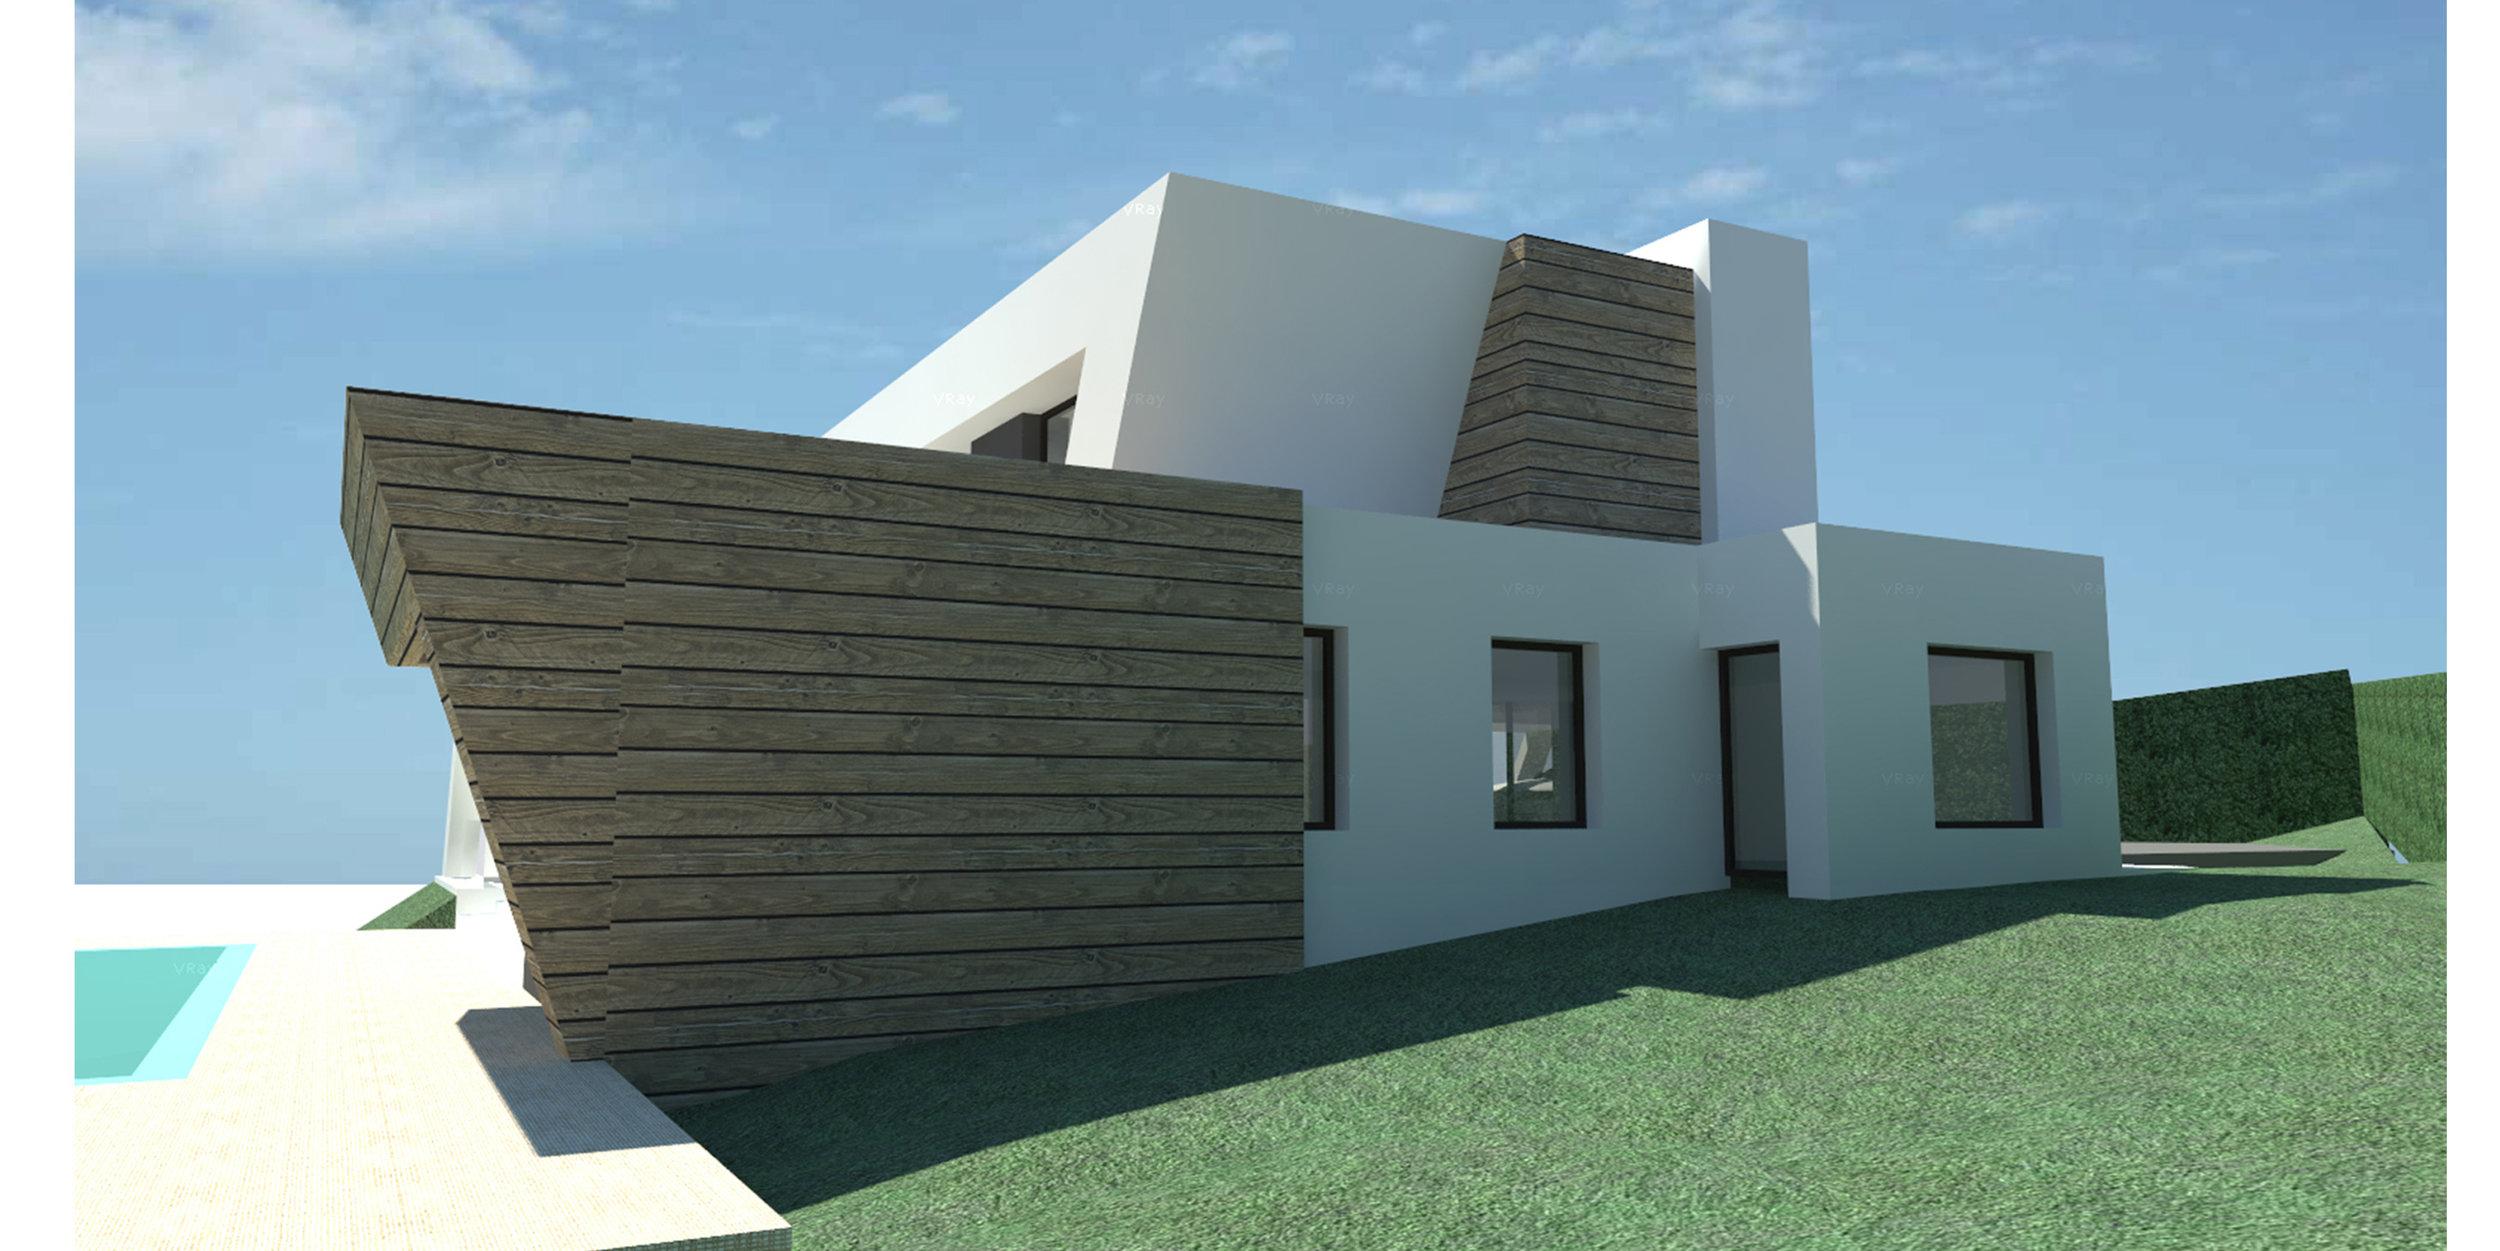 JLJ-HOUSE-fot_01.jpg